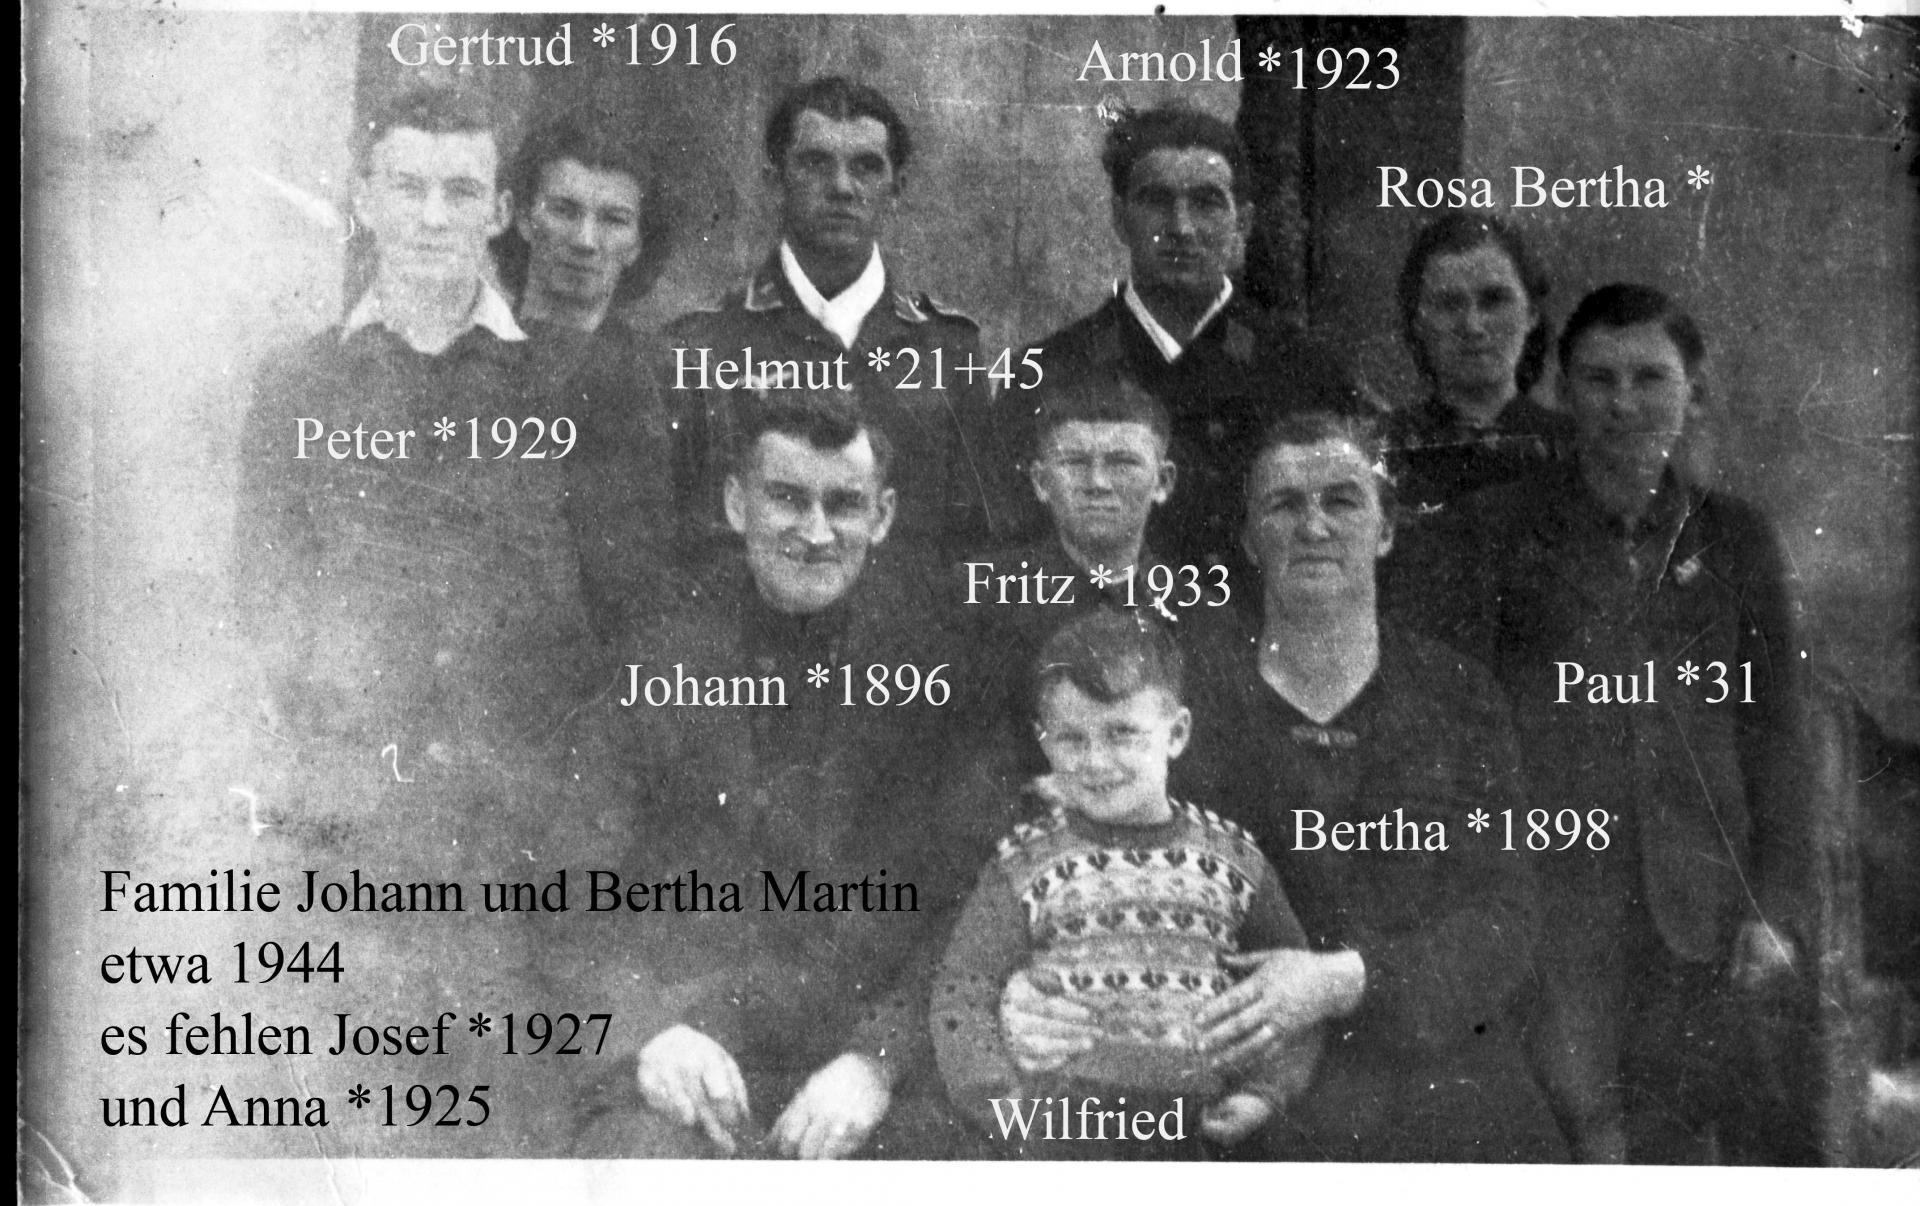 Familie Martin 1944